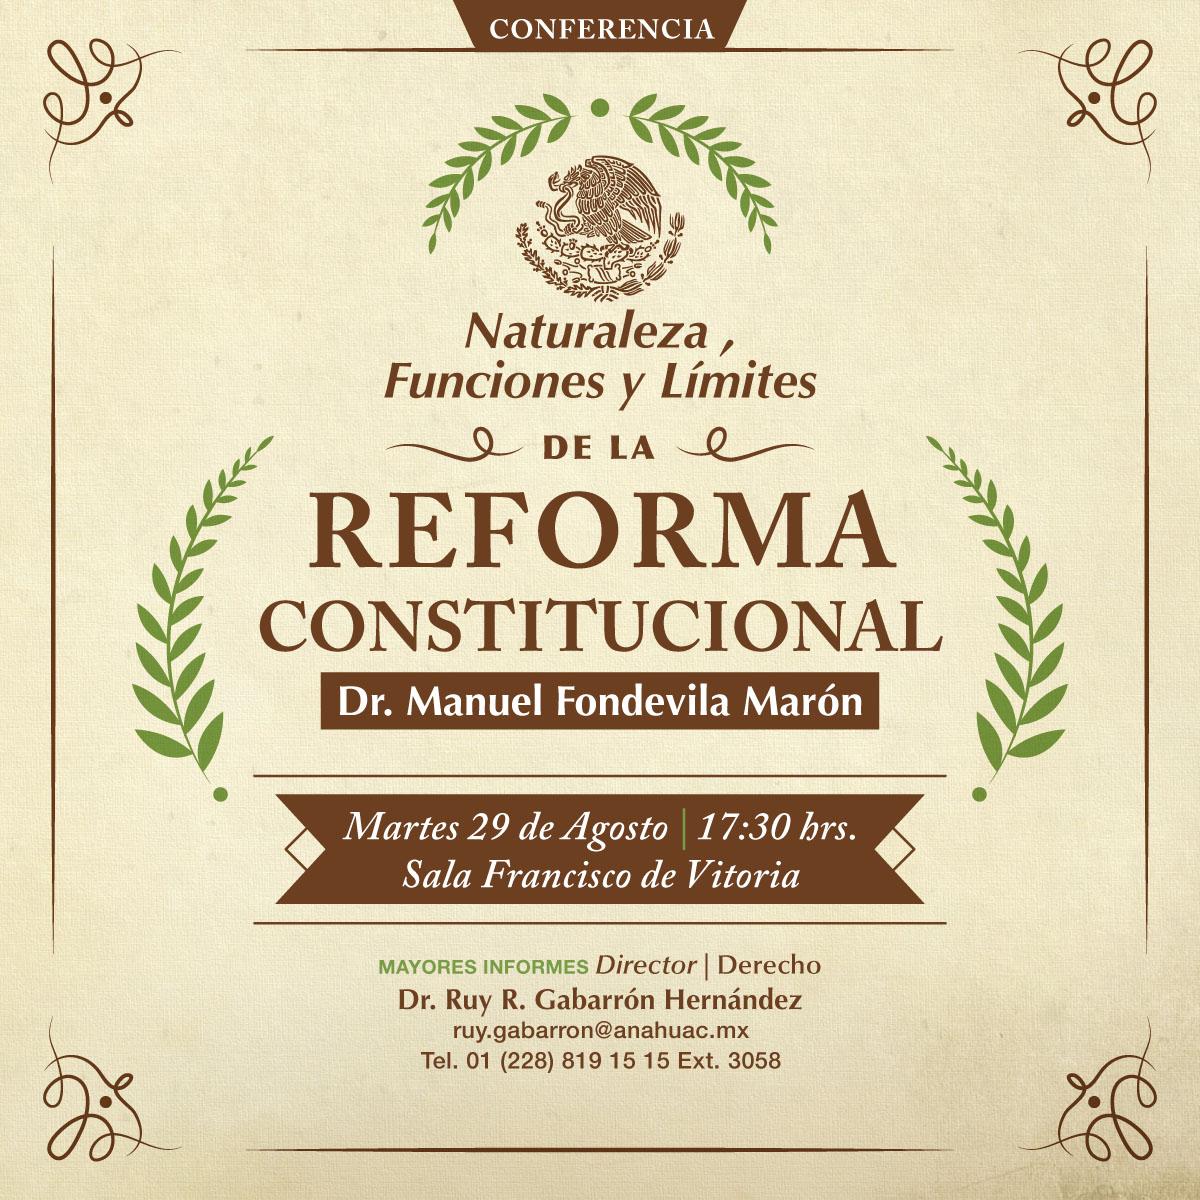 Naturaleza, Funciones y Límites de la Reforma Constitucional